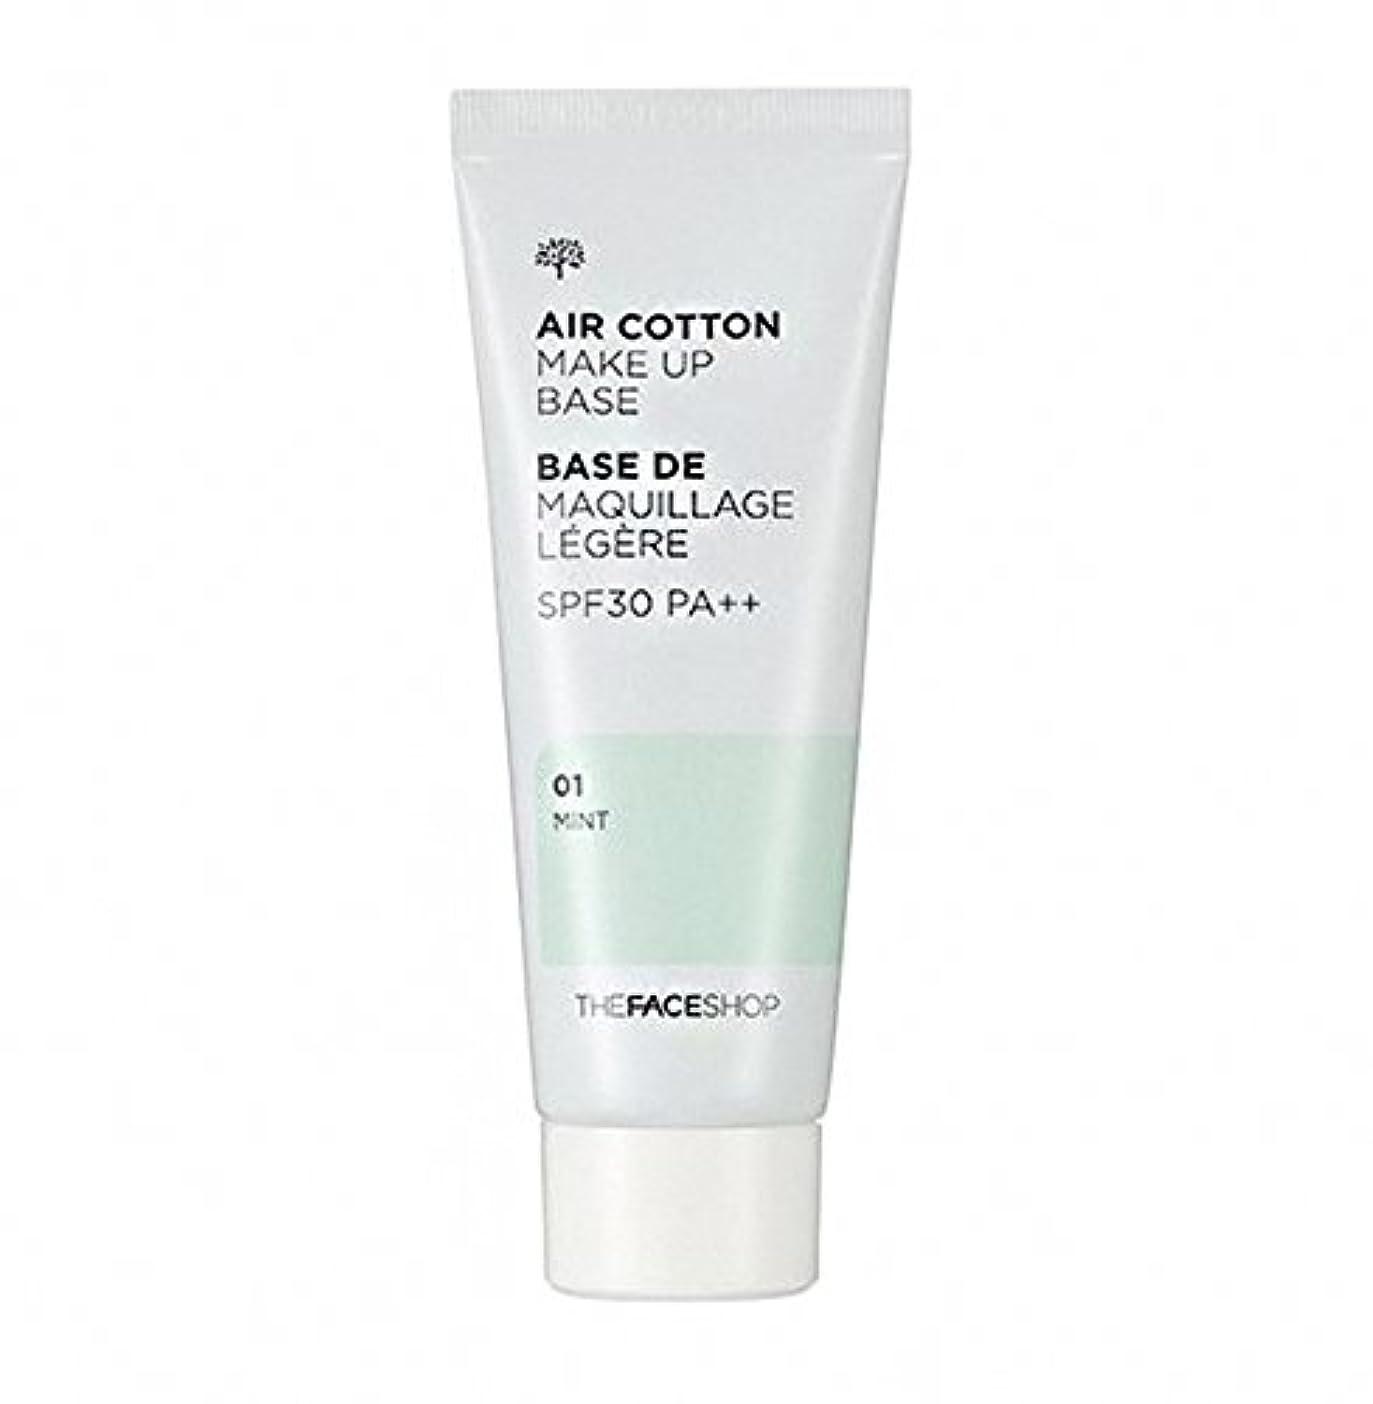 困惑ガイダンス燃料ザ·フェイスショップ The Face Shop エアコットン メーキャップ ベース 40ml(01 ミント) The Face Shop air Cotton Makeup Base 40ml(01 Mint) [海外直送品]